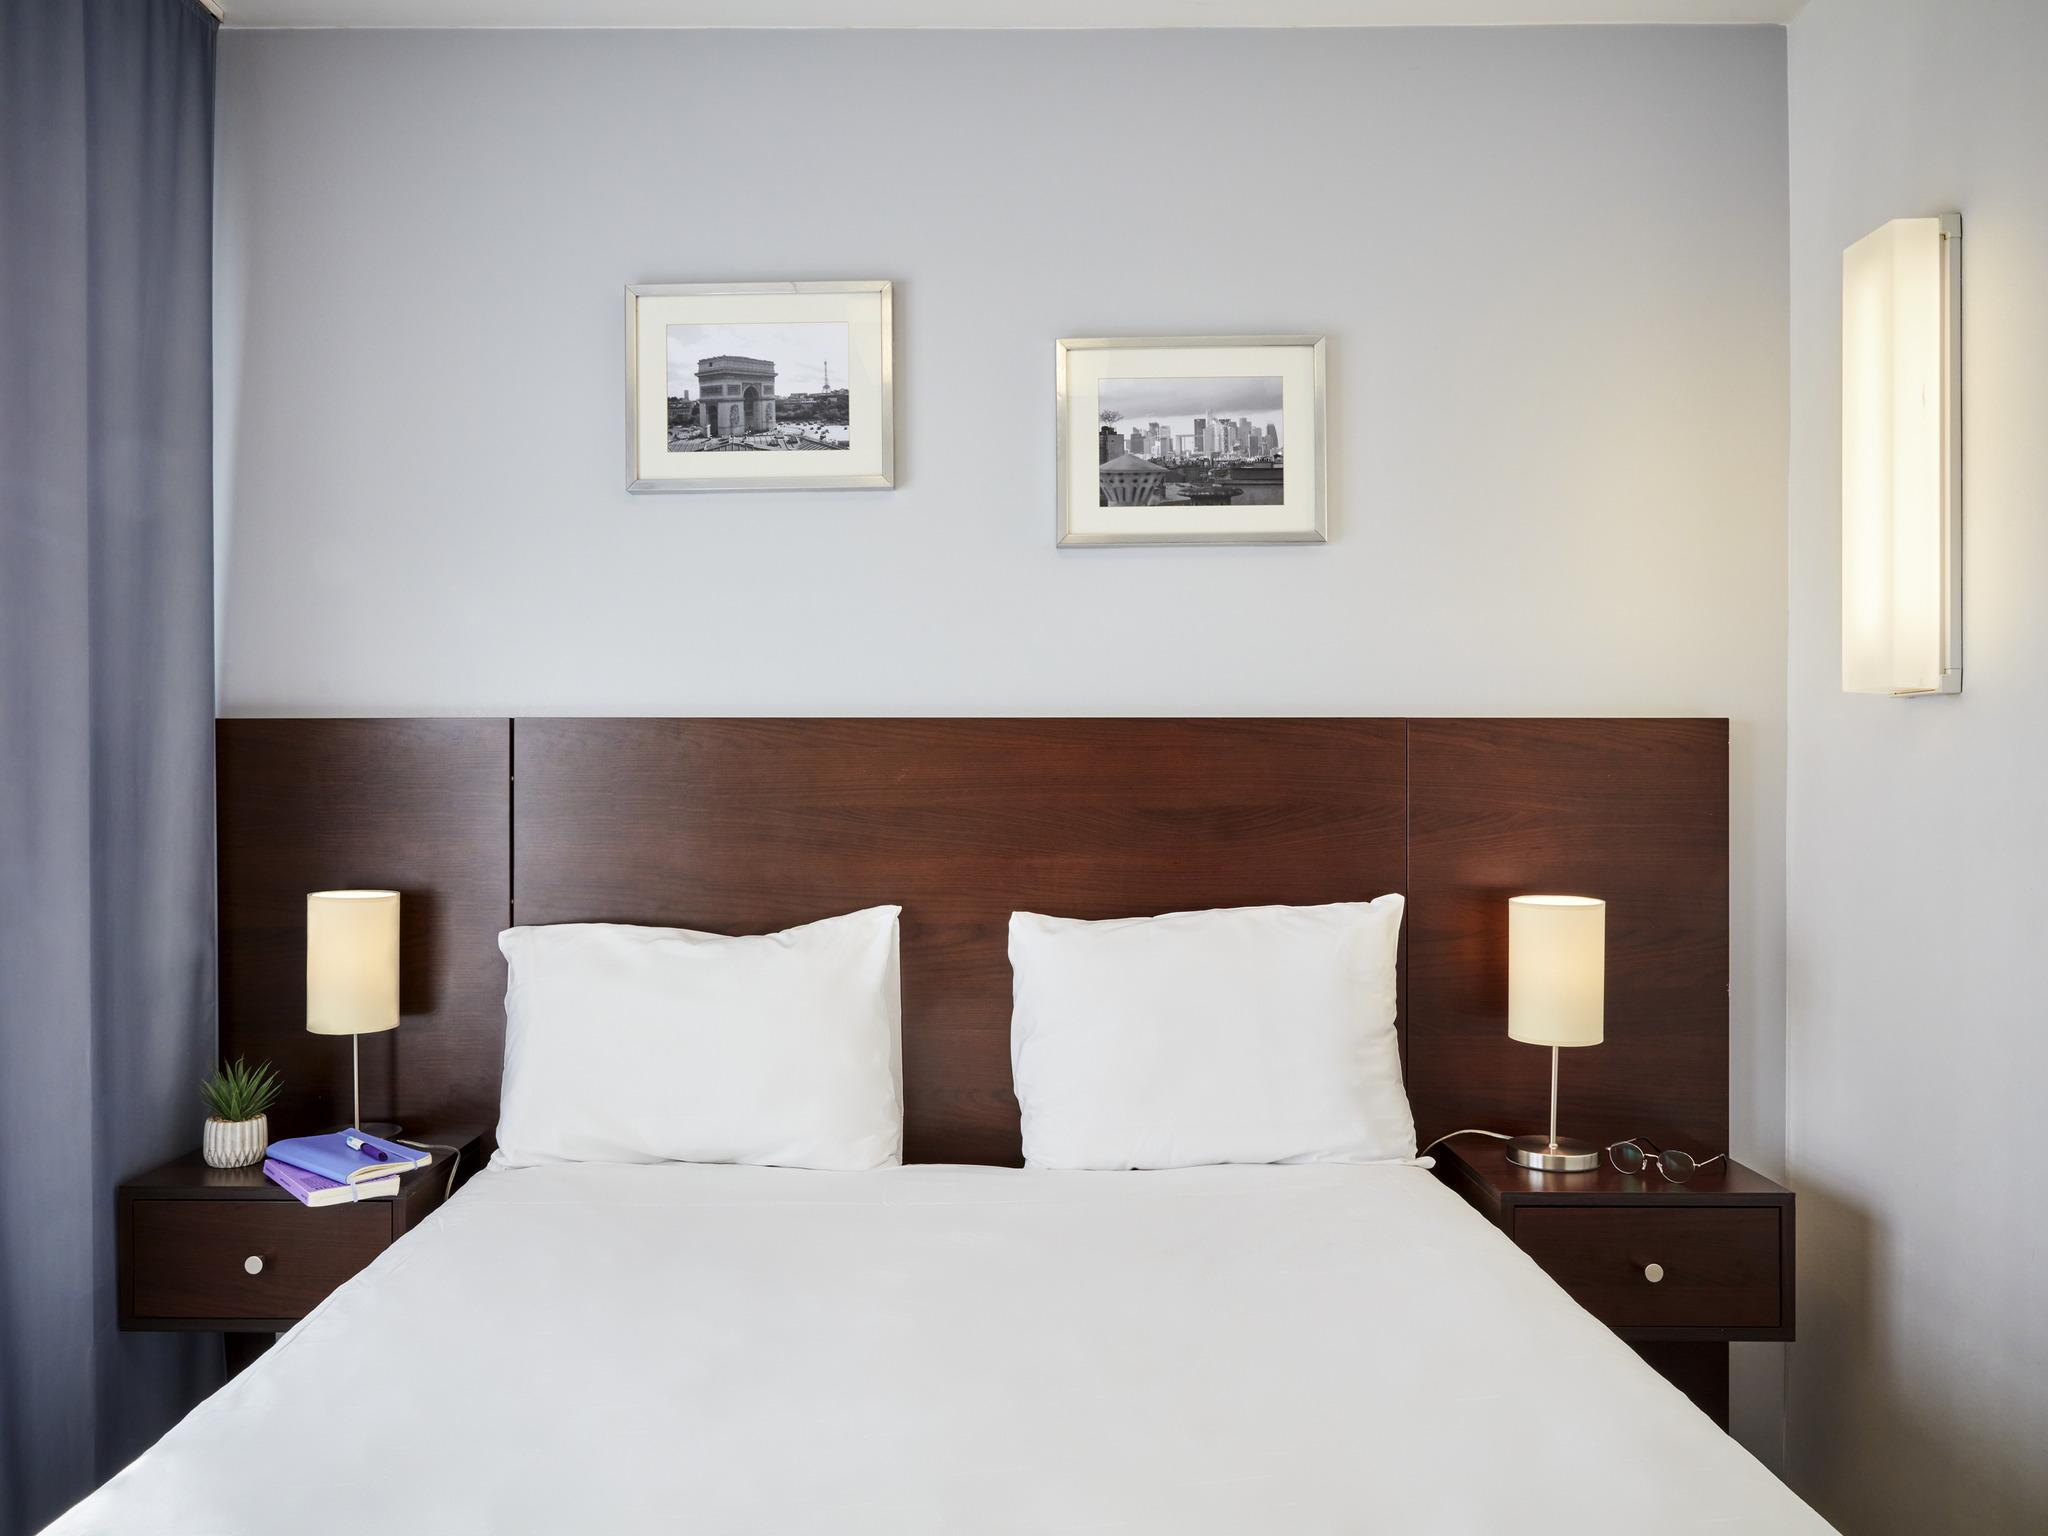 โรงแรม – อพาร์ทโฮเทล อดาจิโอ แอคเซส ปารีส บาสติล